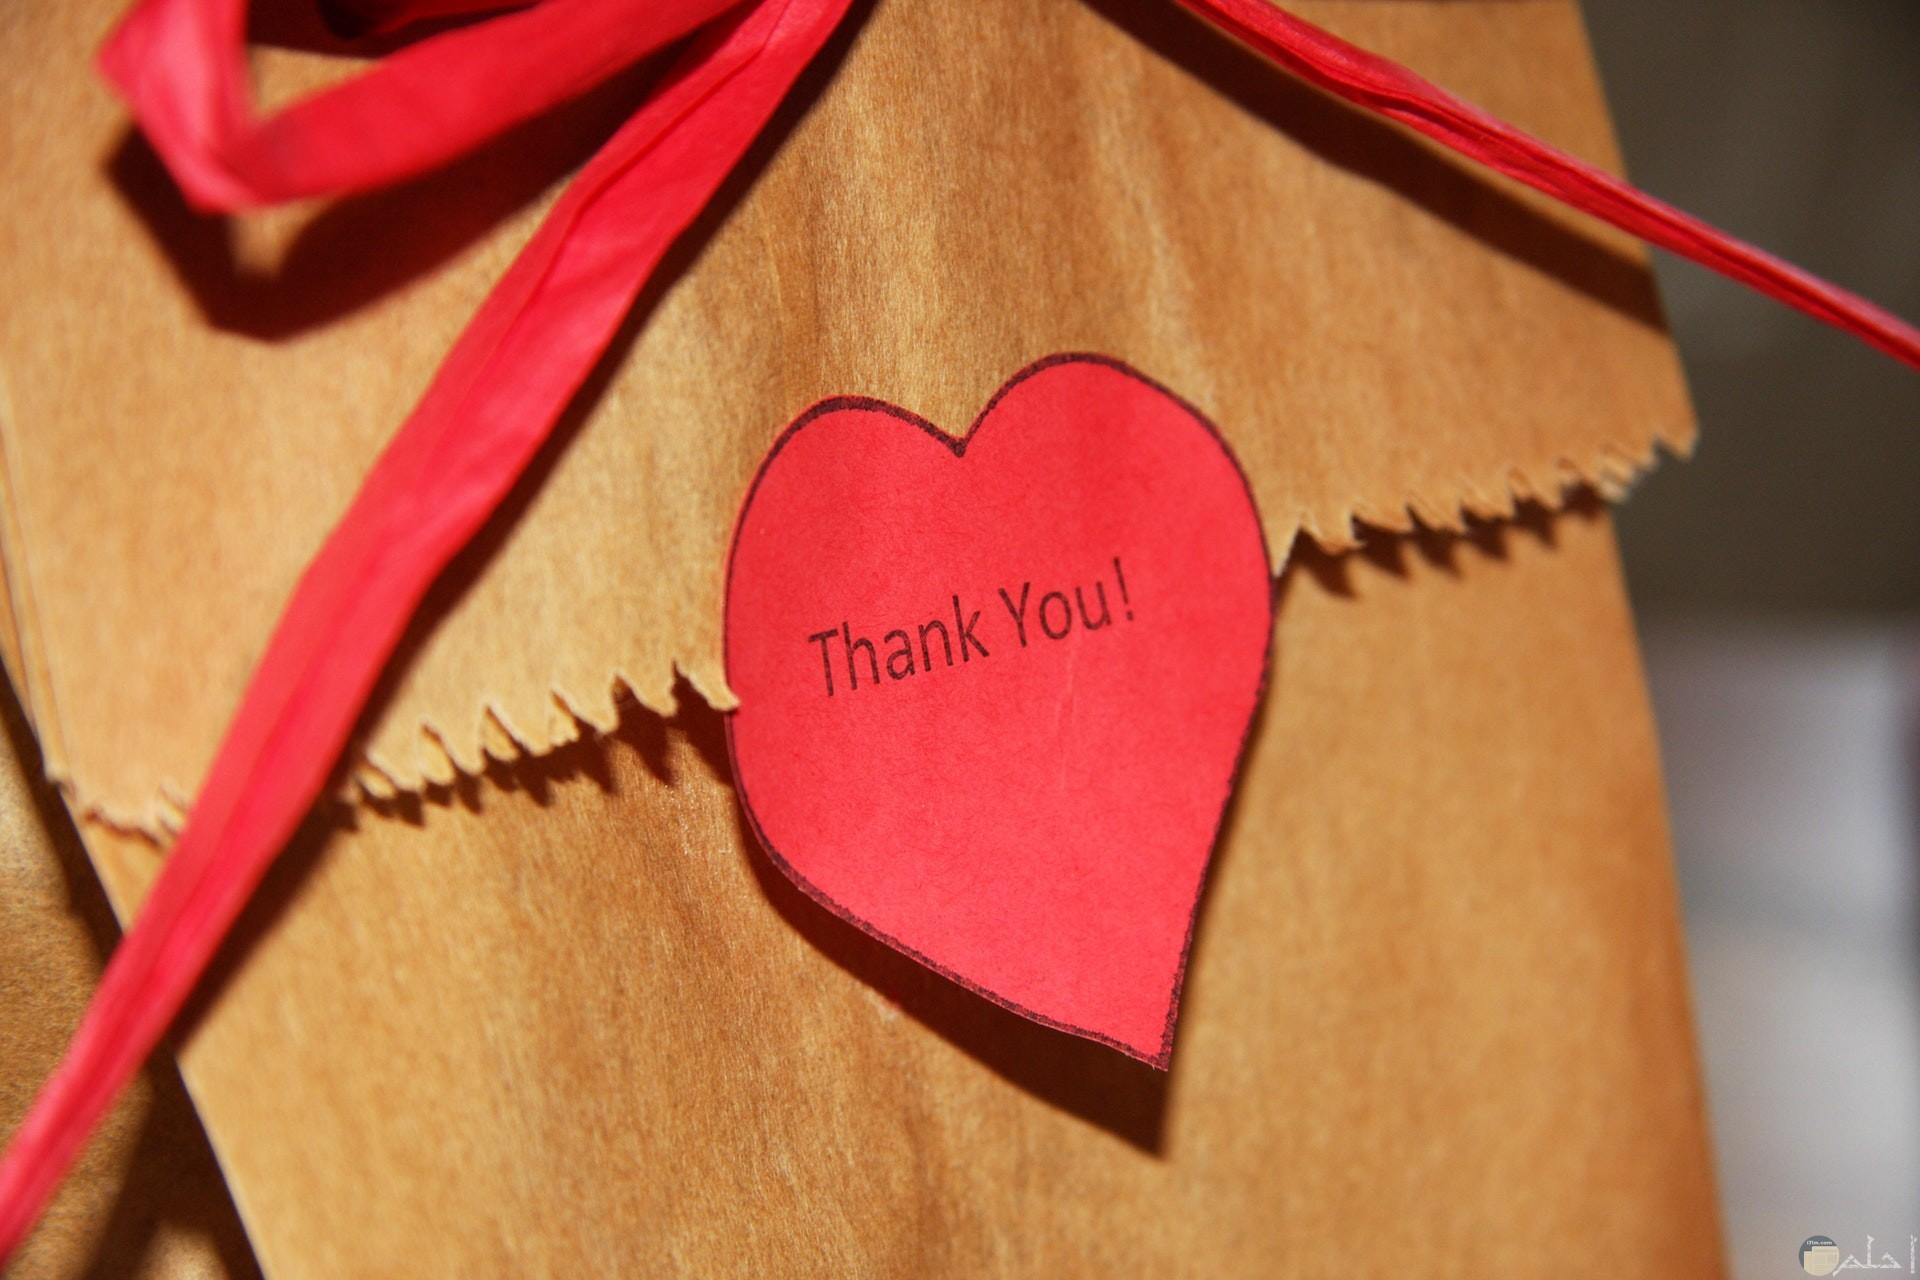 صورة جميلة لشكرا بالإنجليزي للأصدقاء مكتوبة علي قلب أحمر حلو ملصقة علي ظرف